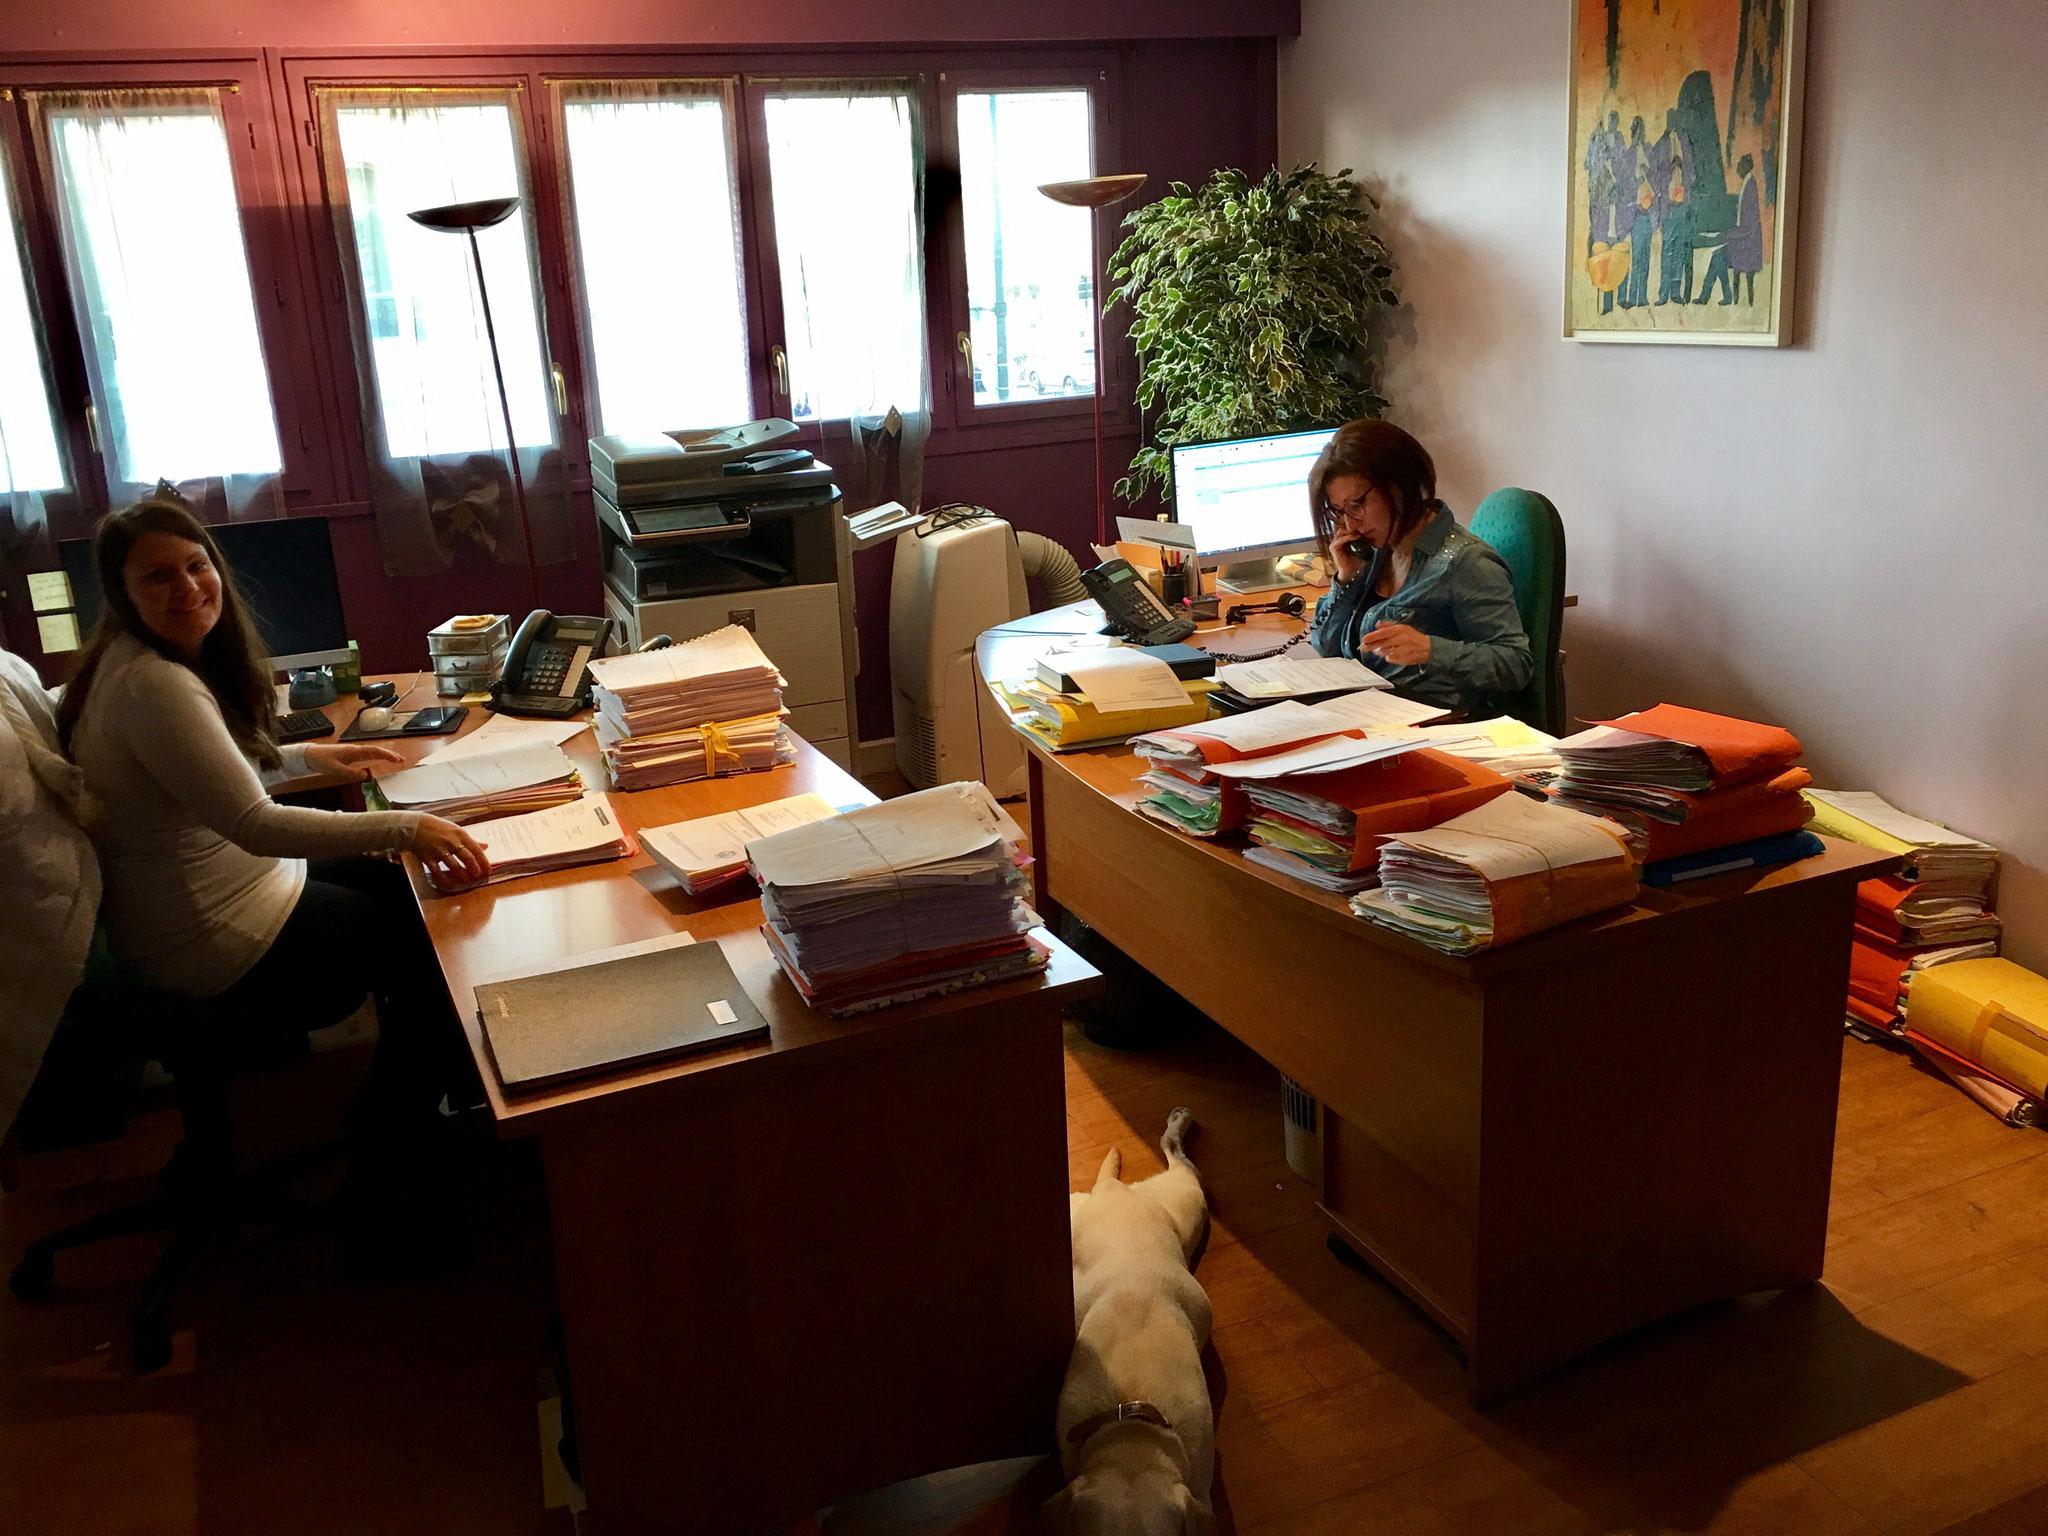 accueil site internet du cabinet d 39 avocats de chelles de nardi joly lebreton. Black Bedroom Furniture Sets. Home Design Ideas